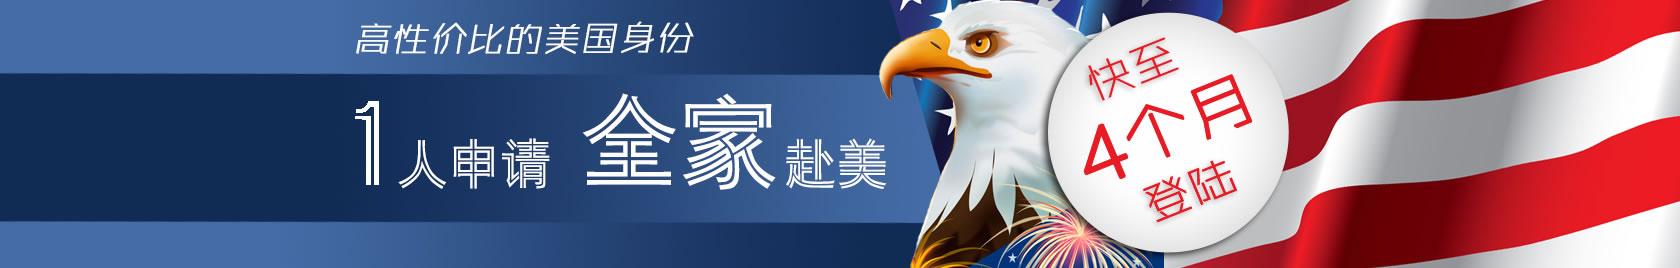 移民美国,一人申请全家赴美获得美国身份